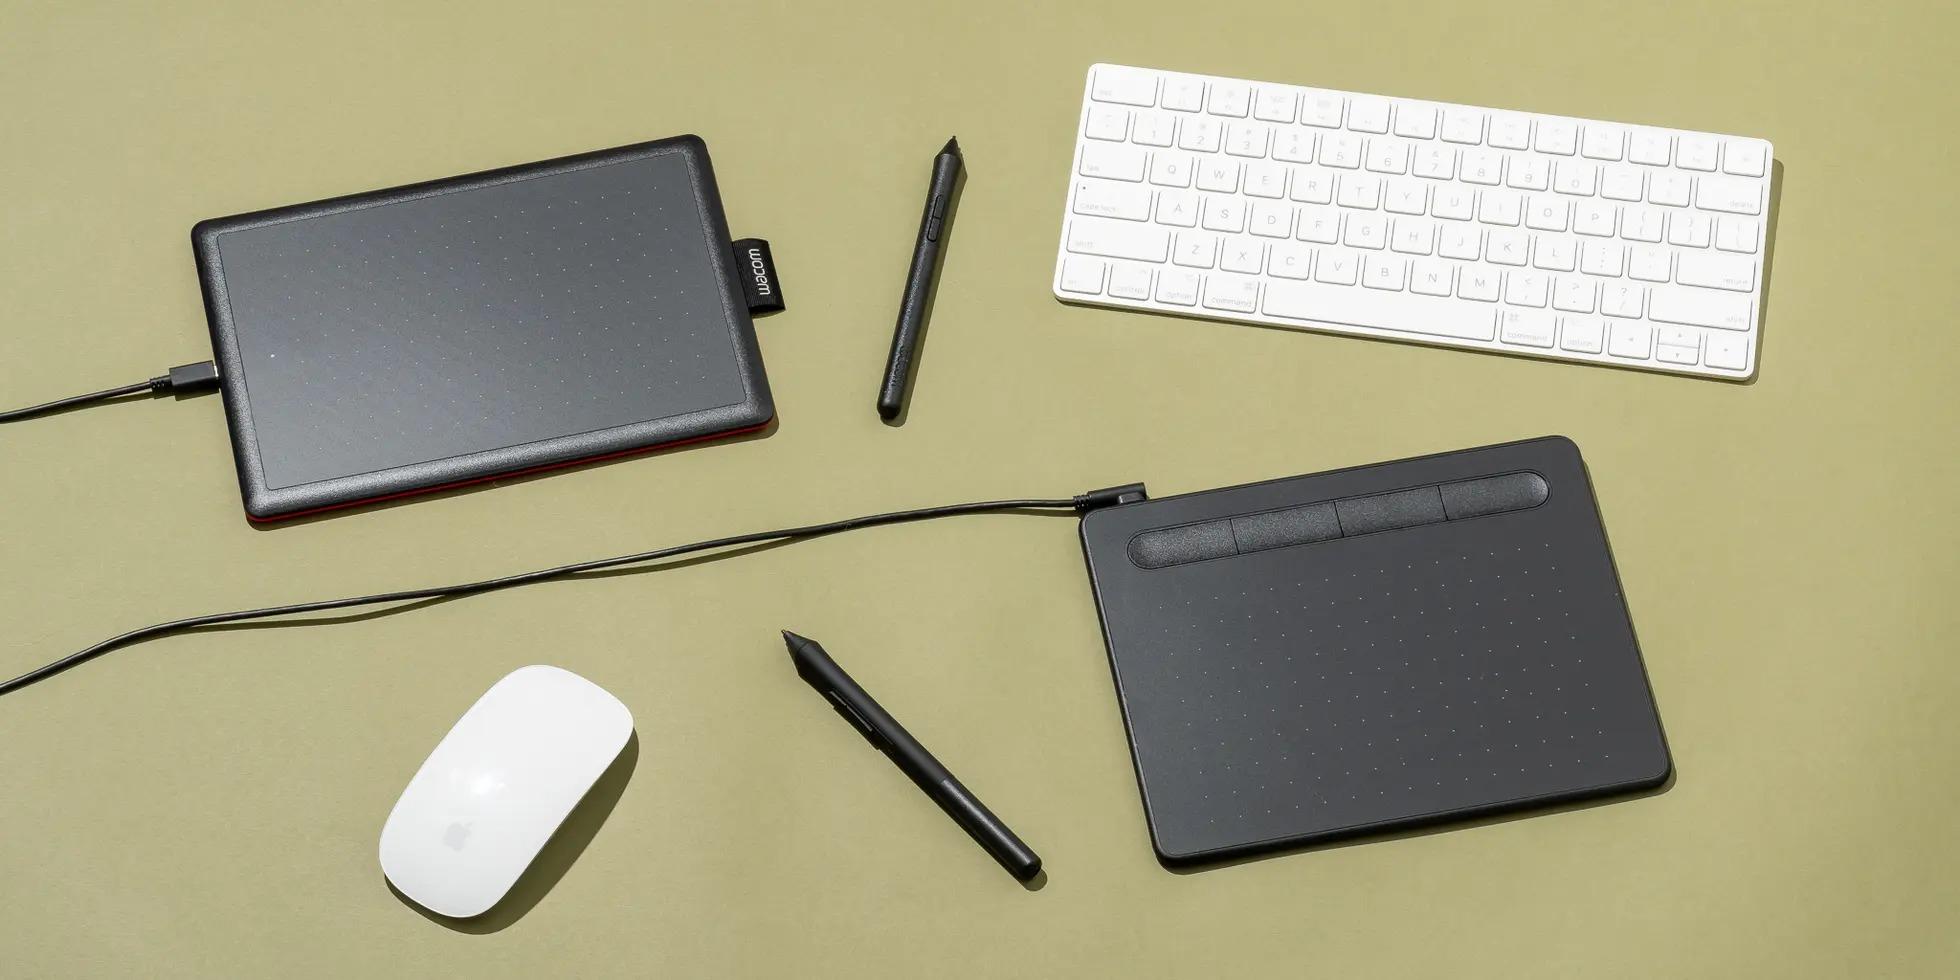 初心者におすすめのペンタブレット2選。70機種以上のなかから使いやすいモデルを厳選